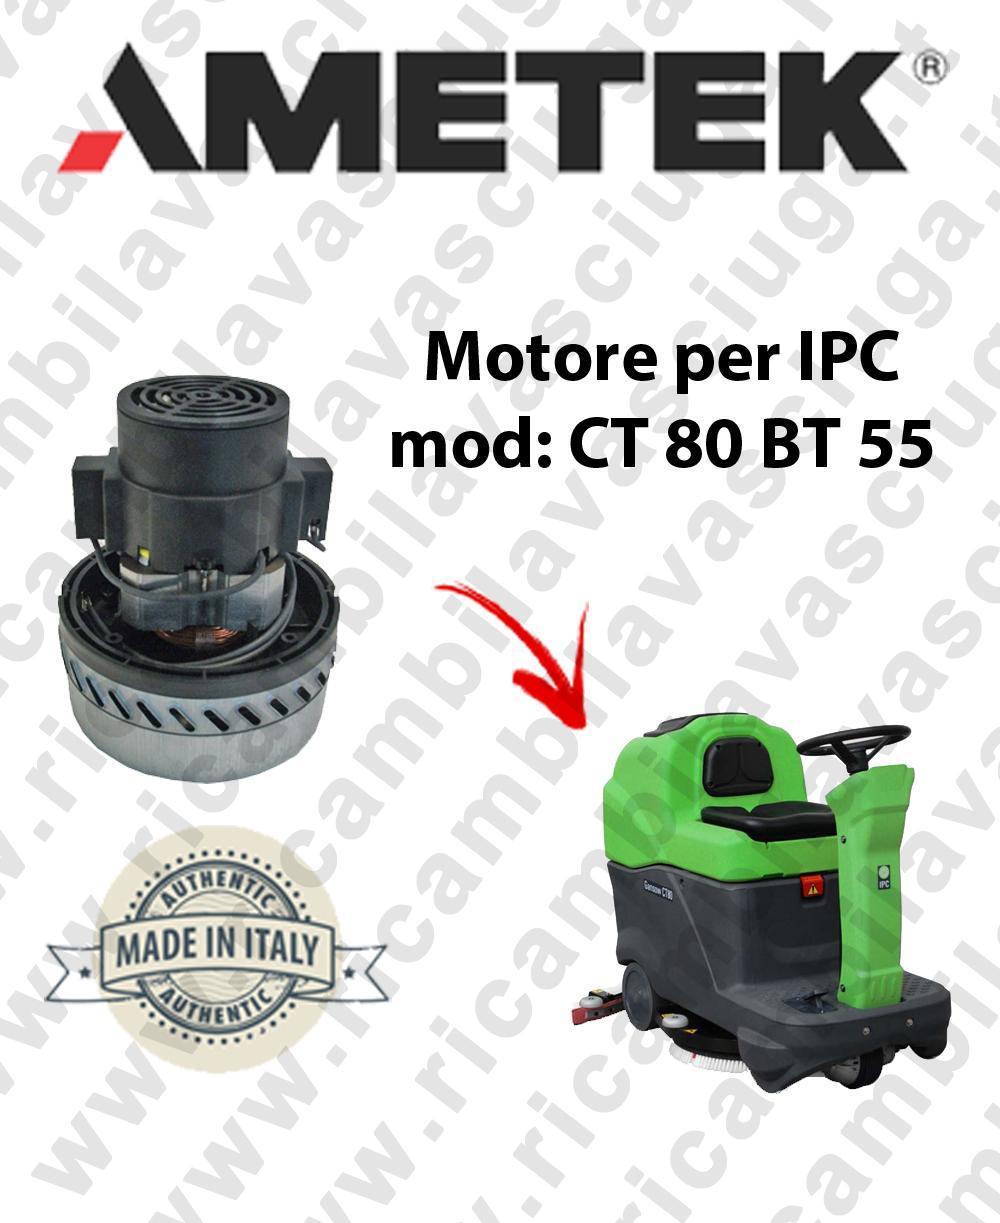 CT 80 BT 55 AMETEK Vacuum motor for scrubber dryer IPC